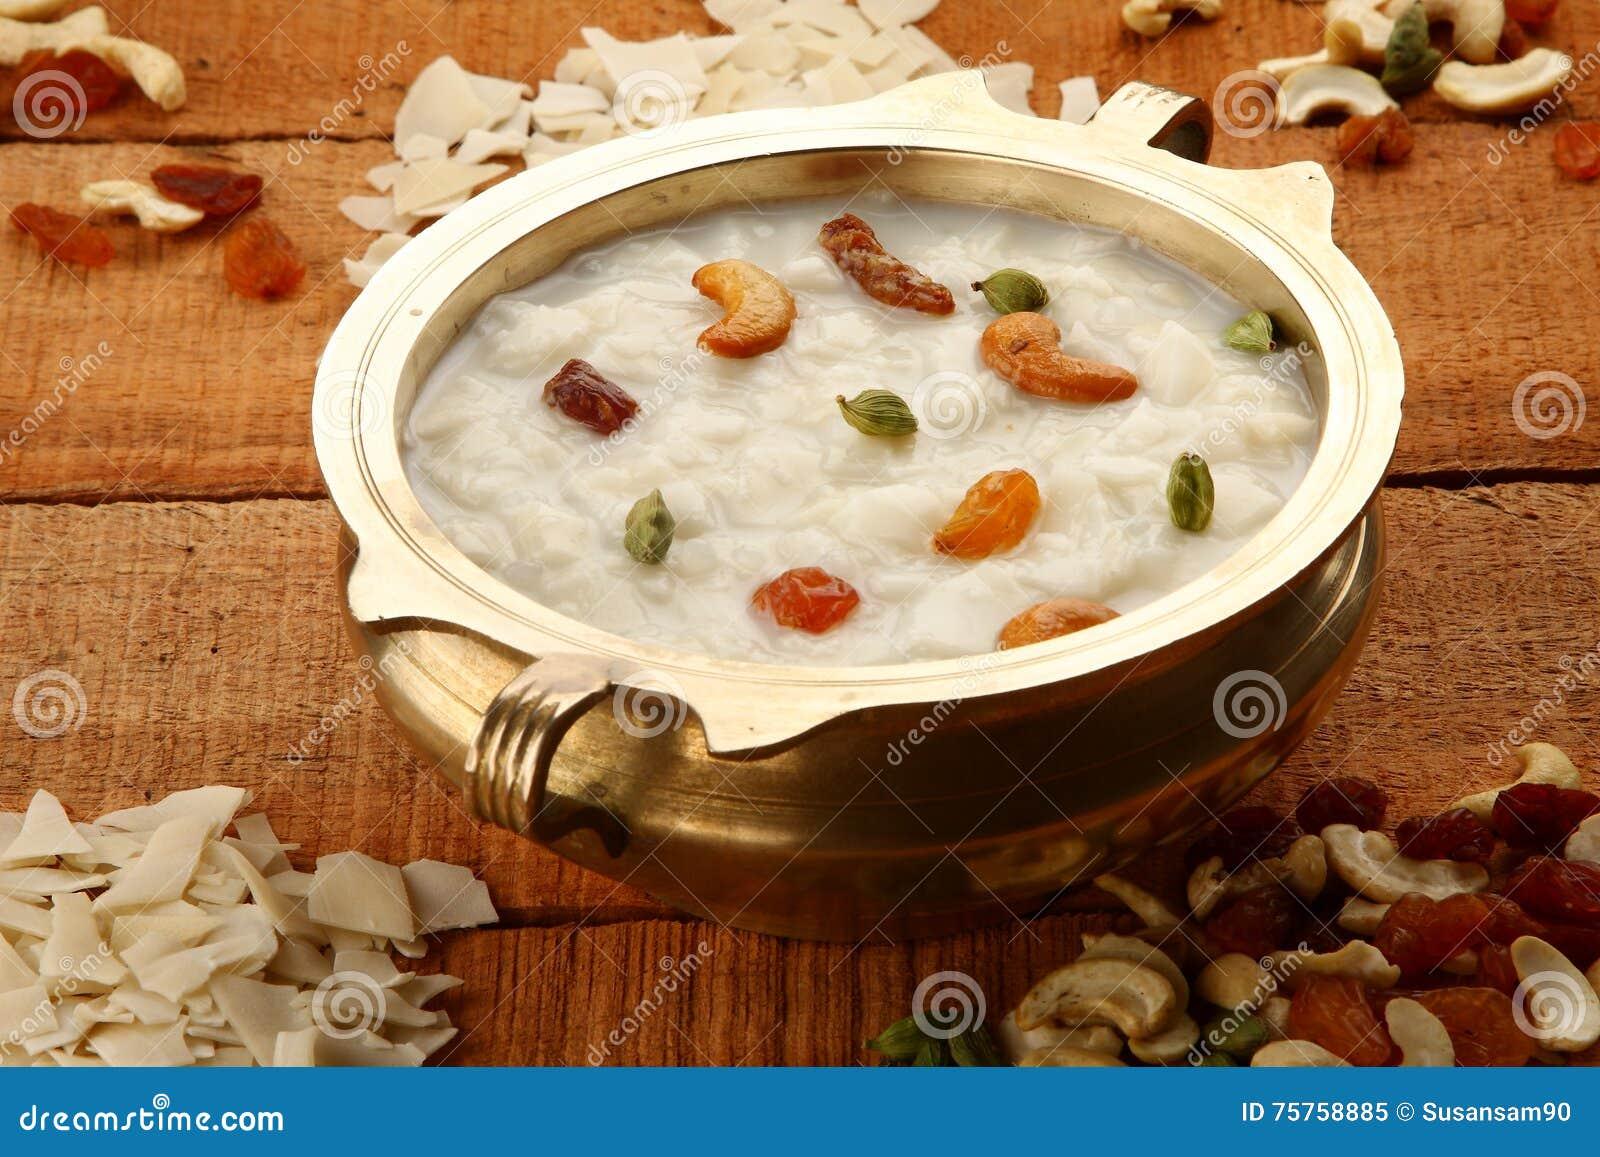 Postre delicioso del payasam-a superior de la vista-Palada hecho con el arroz, leche azúcar y frutas secas